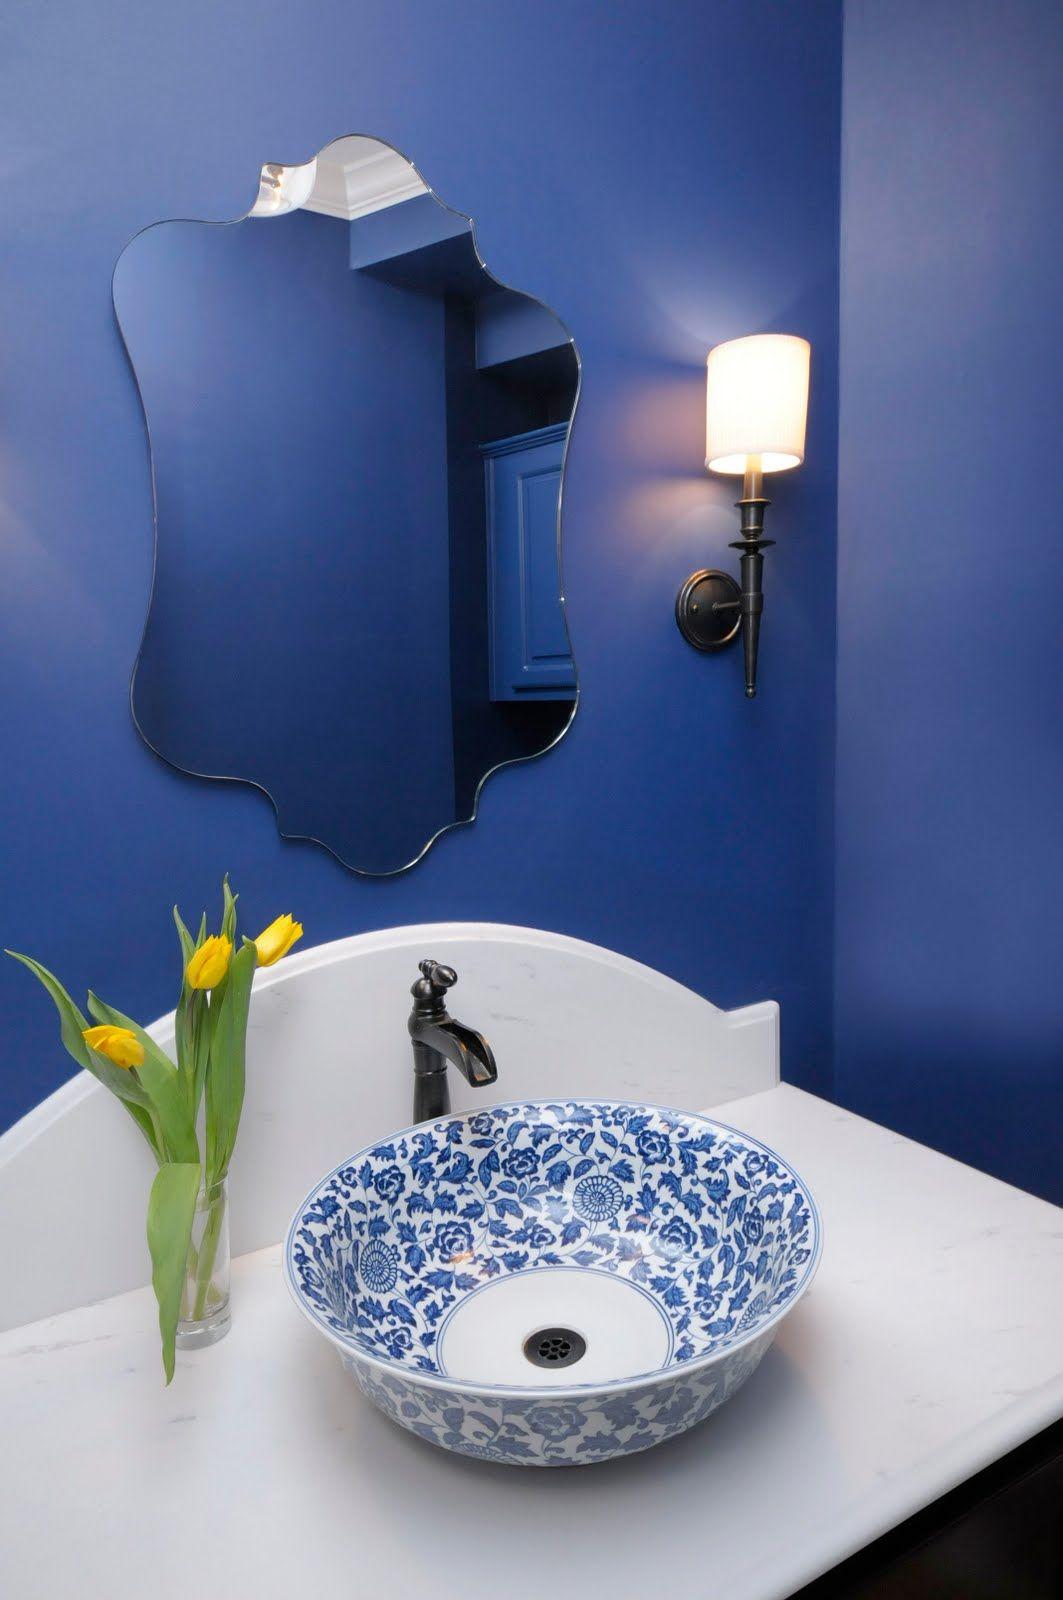 Раковина для ванной комнаты дизайн